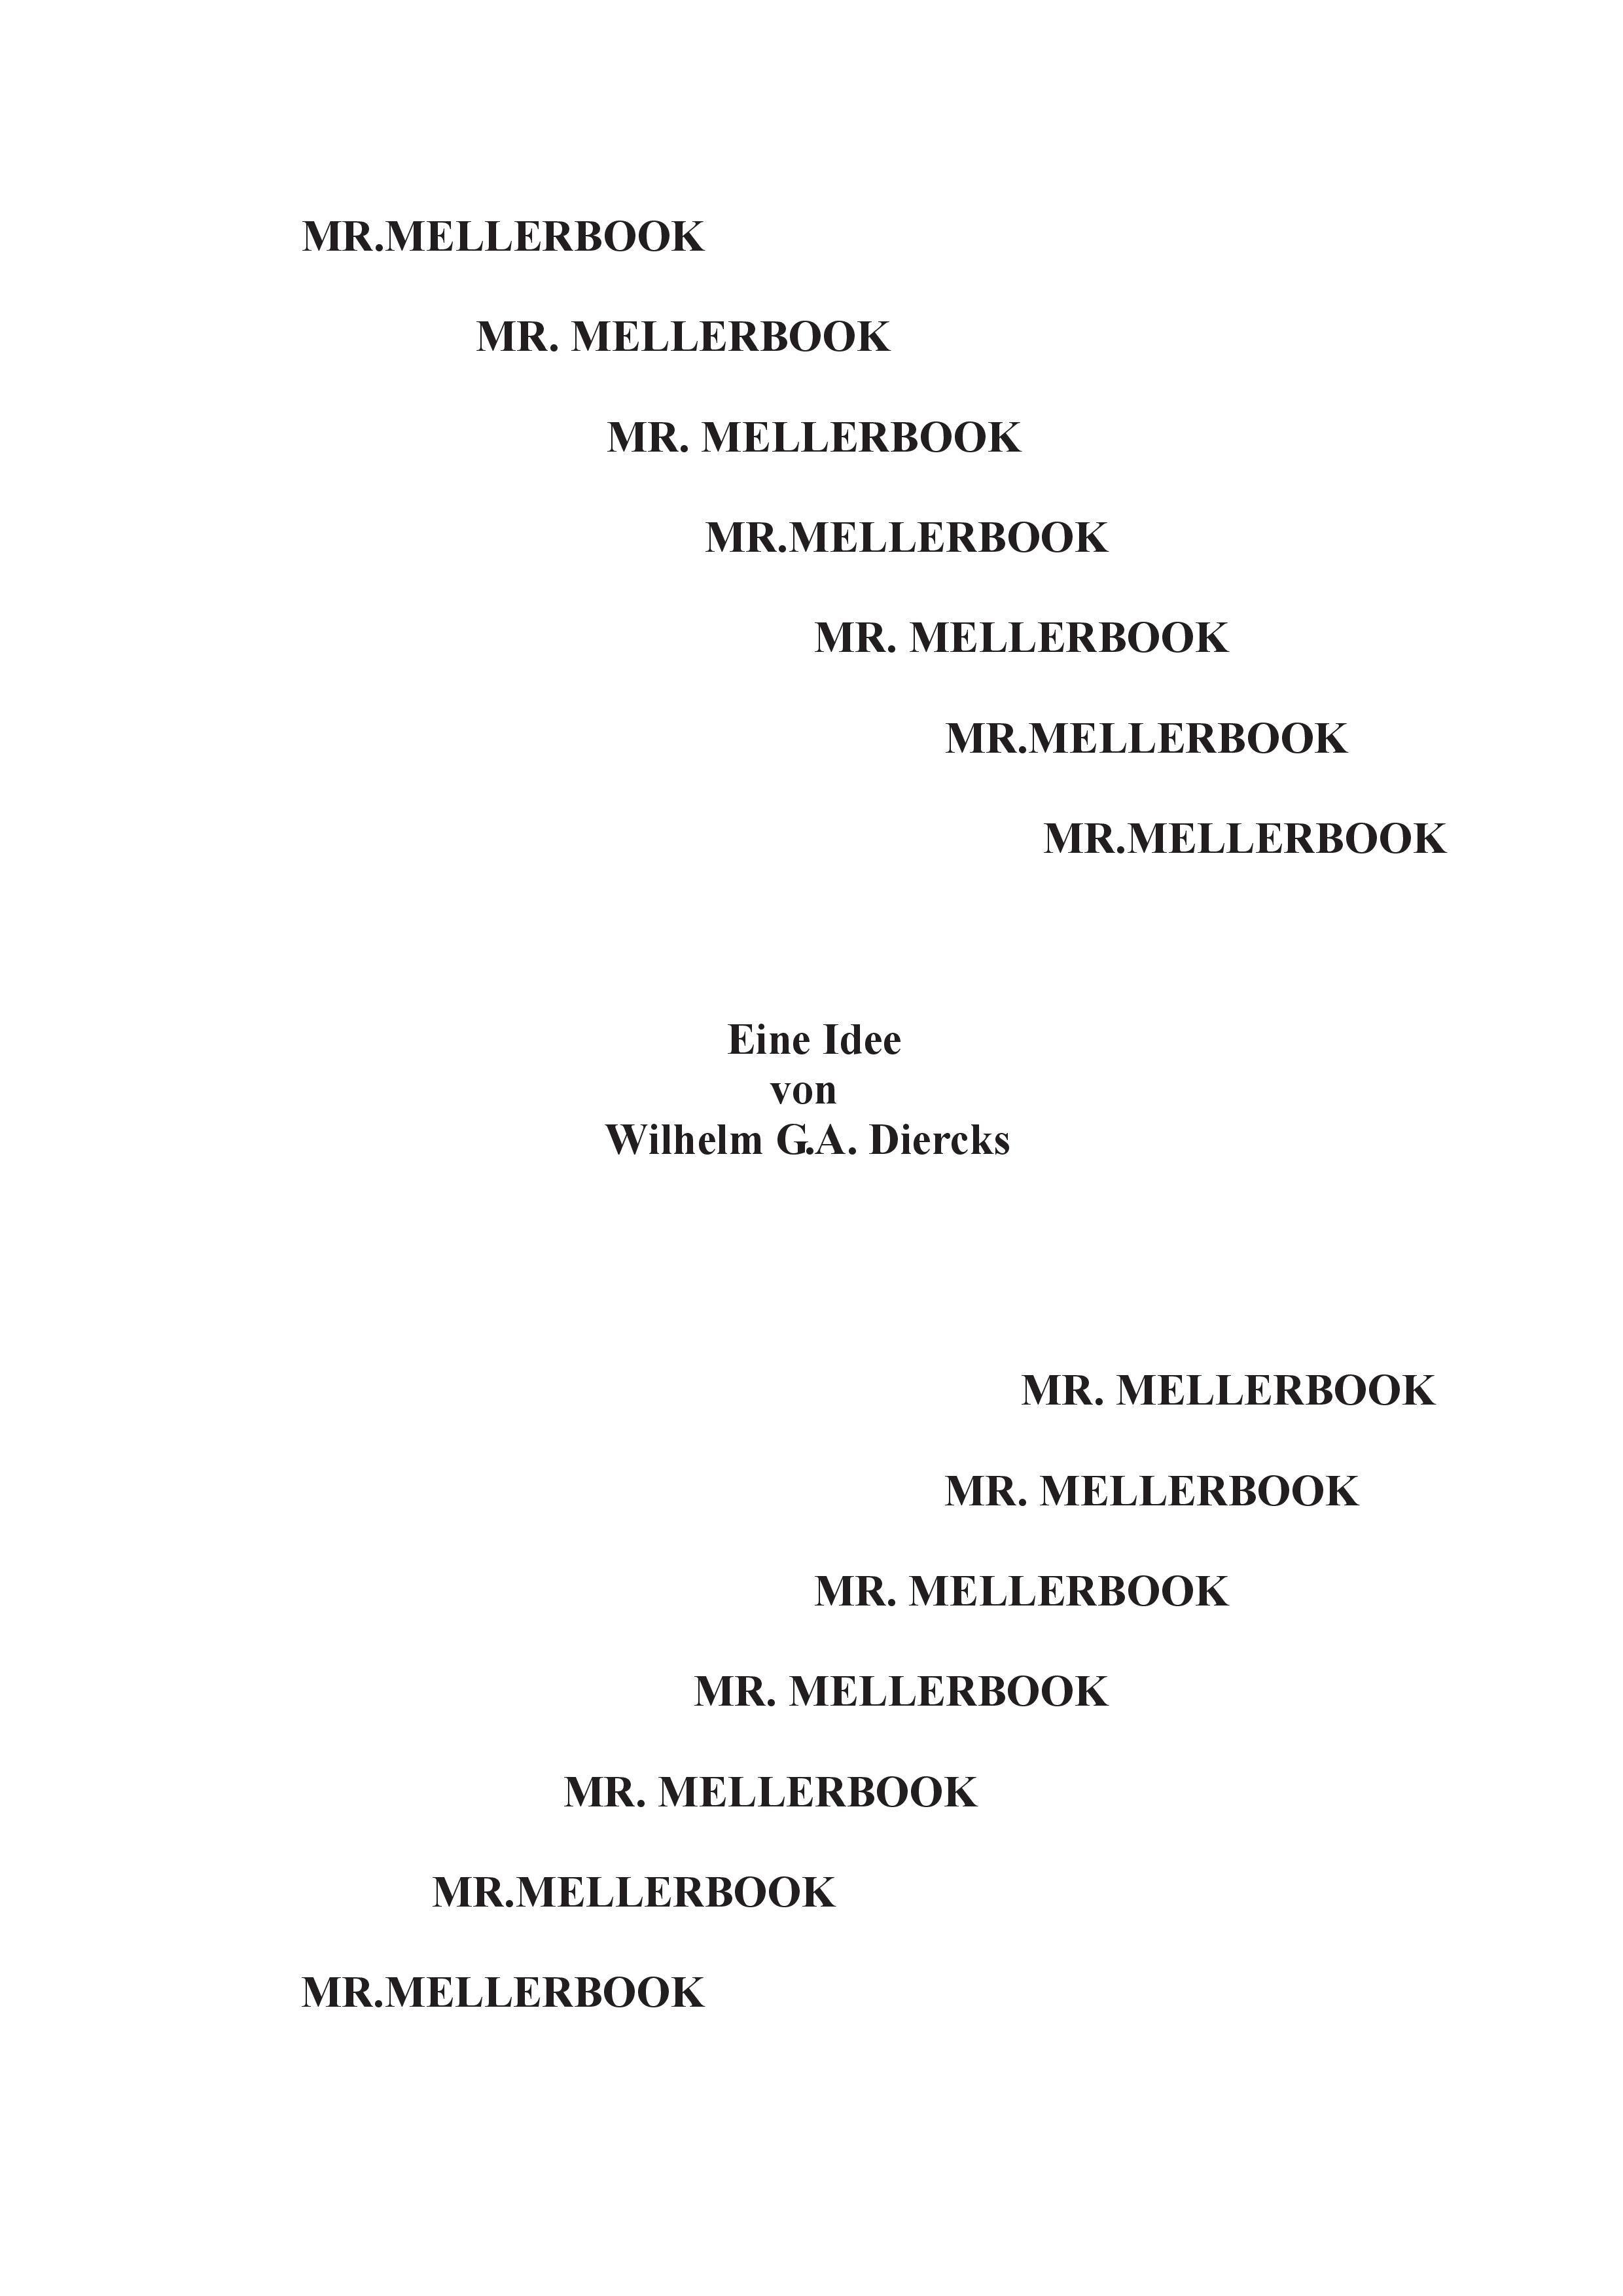 Mr. Mellerbook